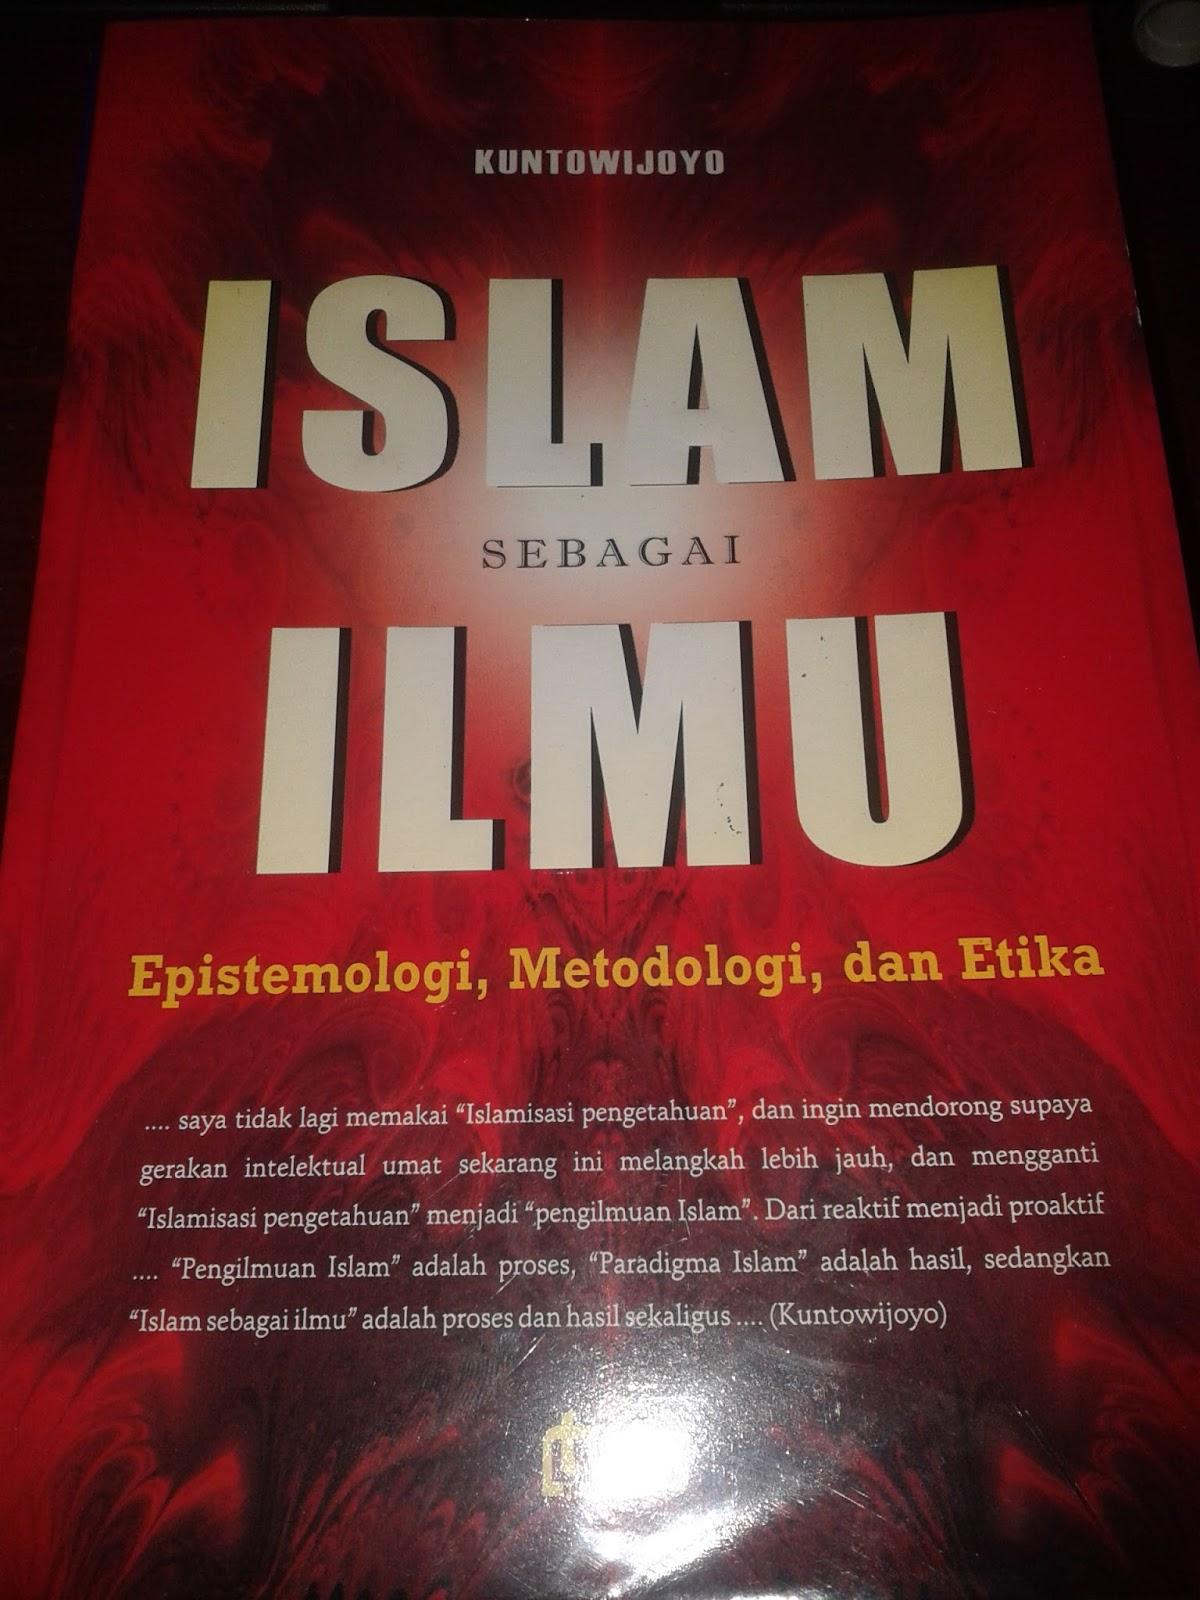 ISLAM SEBAGAI ILMU : Epistemologi, Metodologi, dan Etika